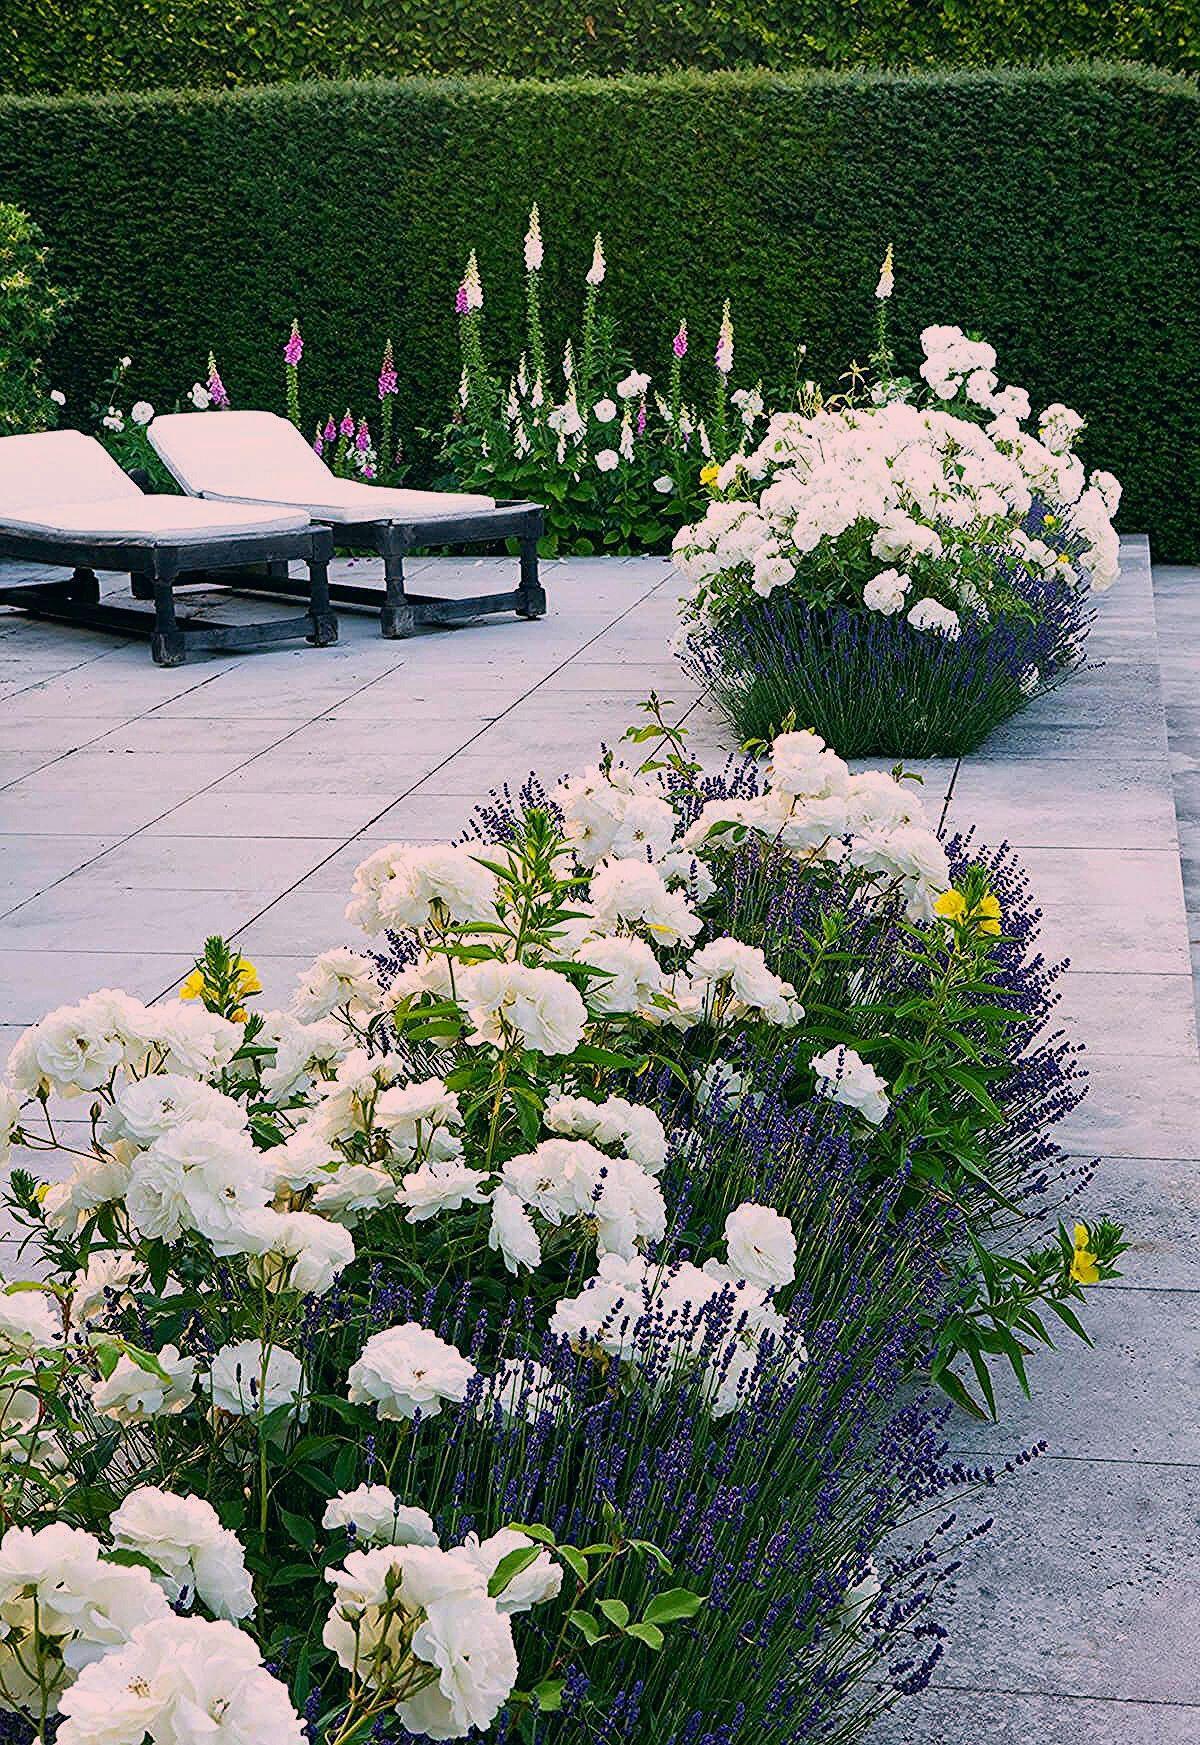 27 wunderschöne und kreative Blumenbeet-Ideen zum Ausprobieren - Hause Dekore